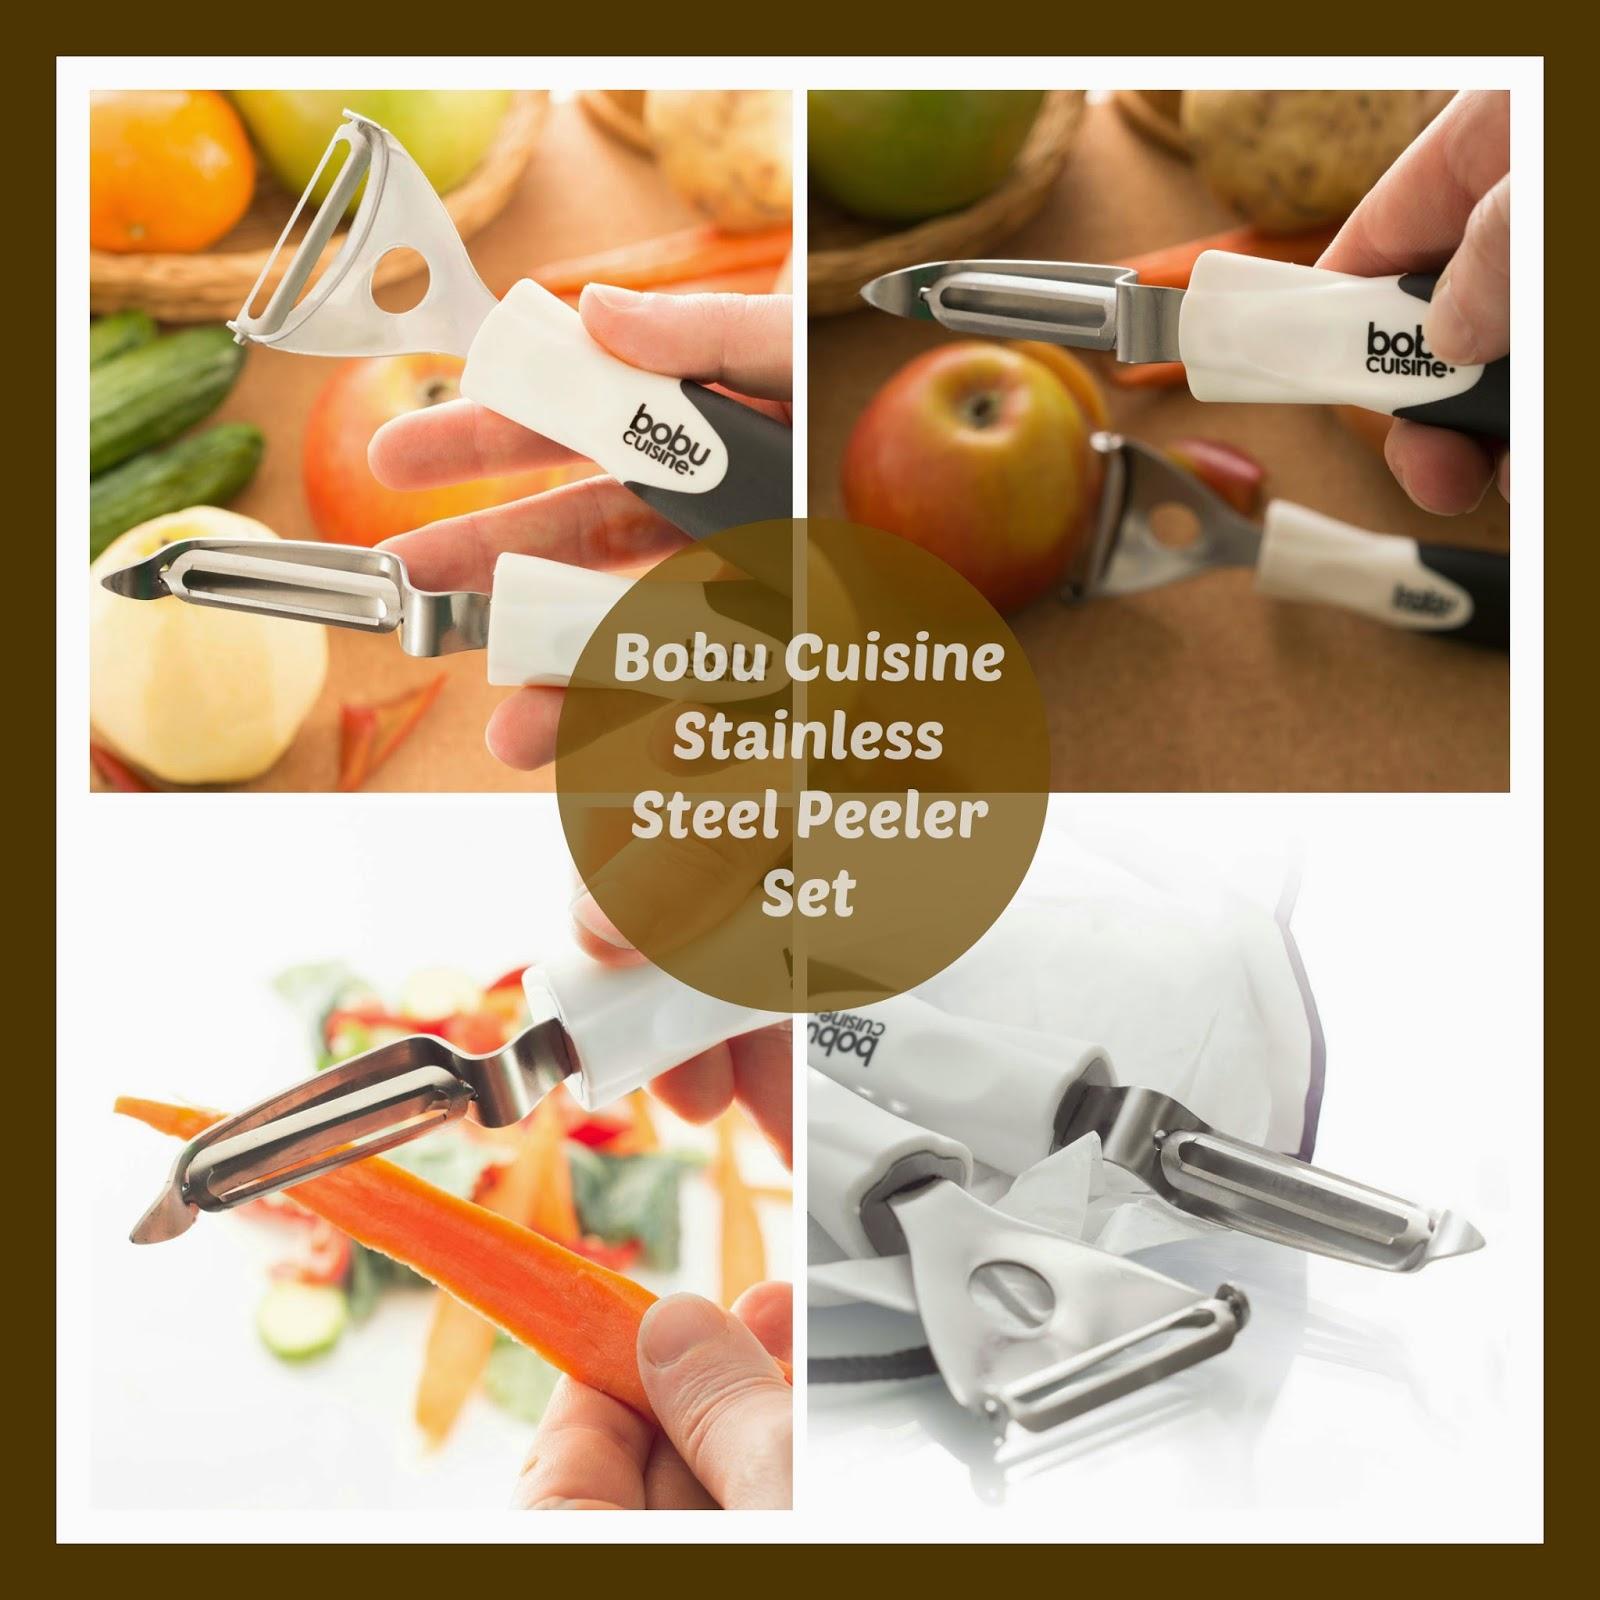 Bo Bu Cuisine Stainless Steel Peeler Set Giveaway